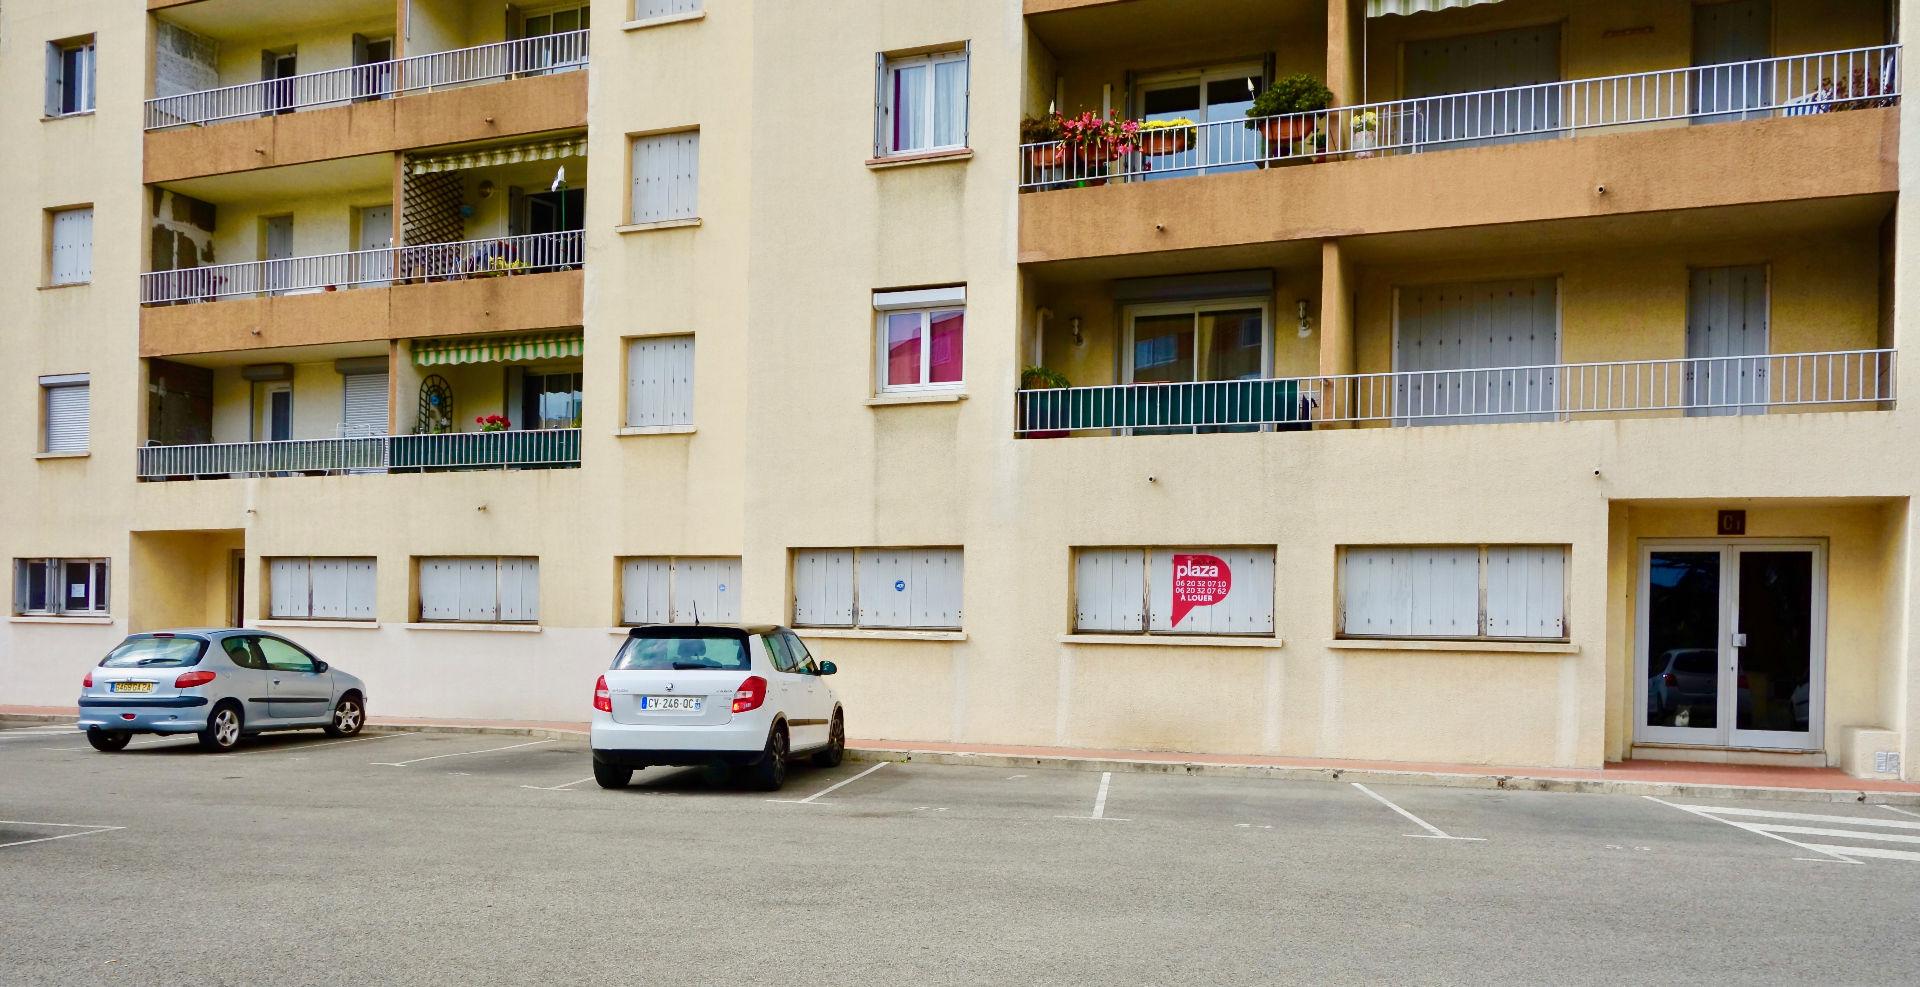 Photo Local professionnel à louer 10 pièces 200 m² image 1/5